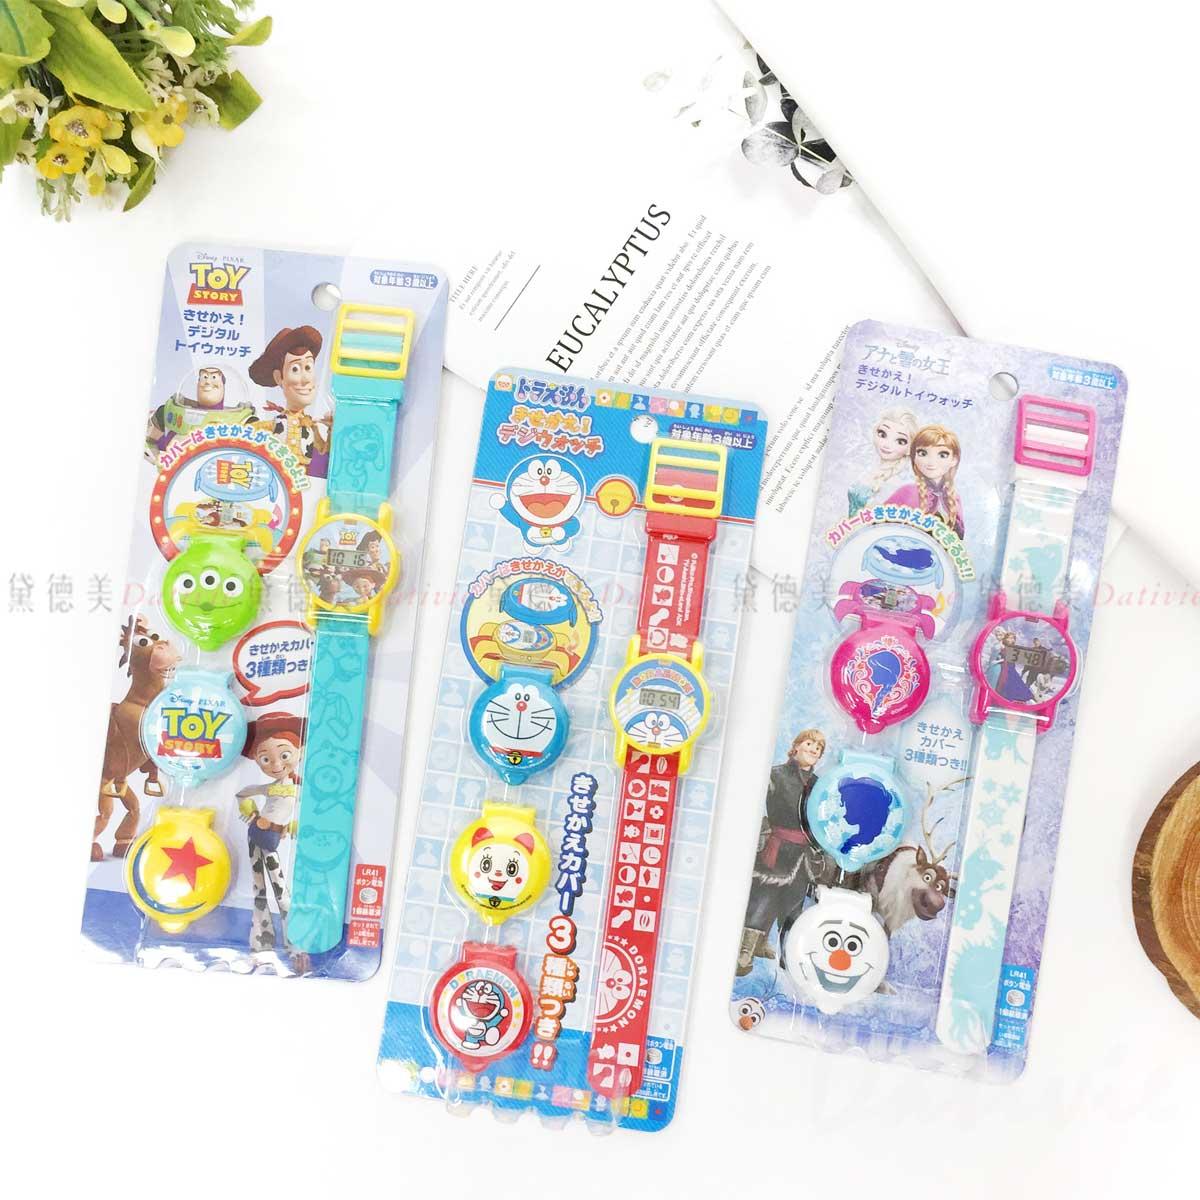 兒童電子手錶-哆啦A夢 玩具總動員 冰雪奇緣 迪士尼 尾上萬 日本正版授權